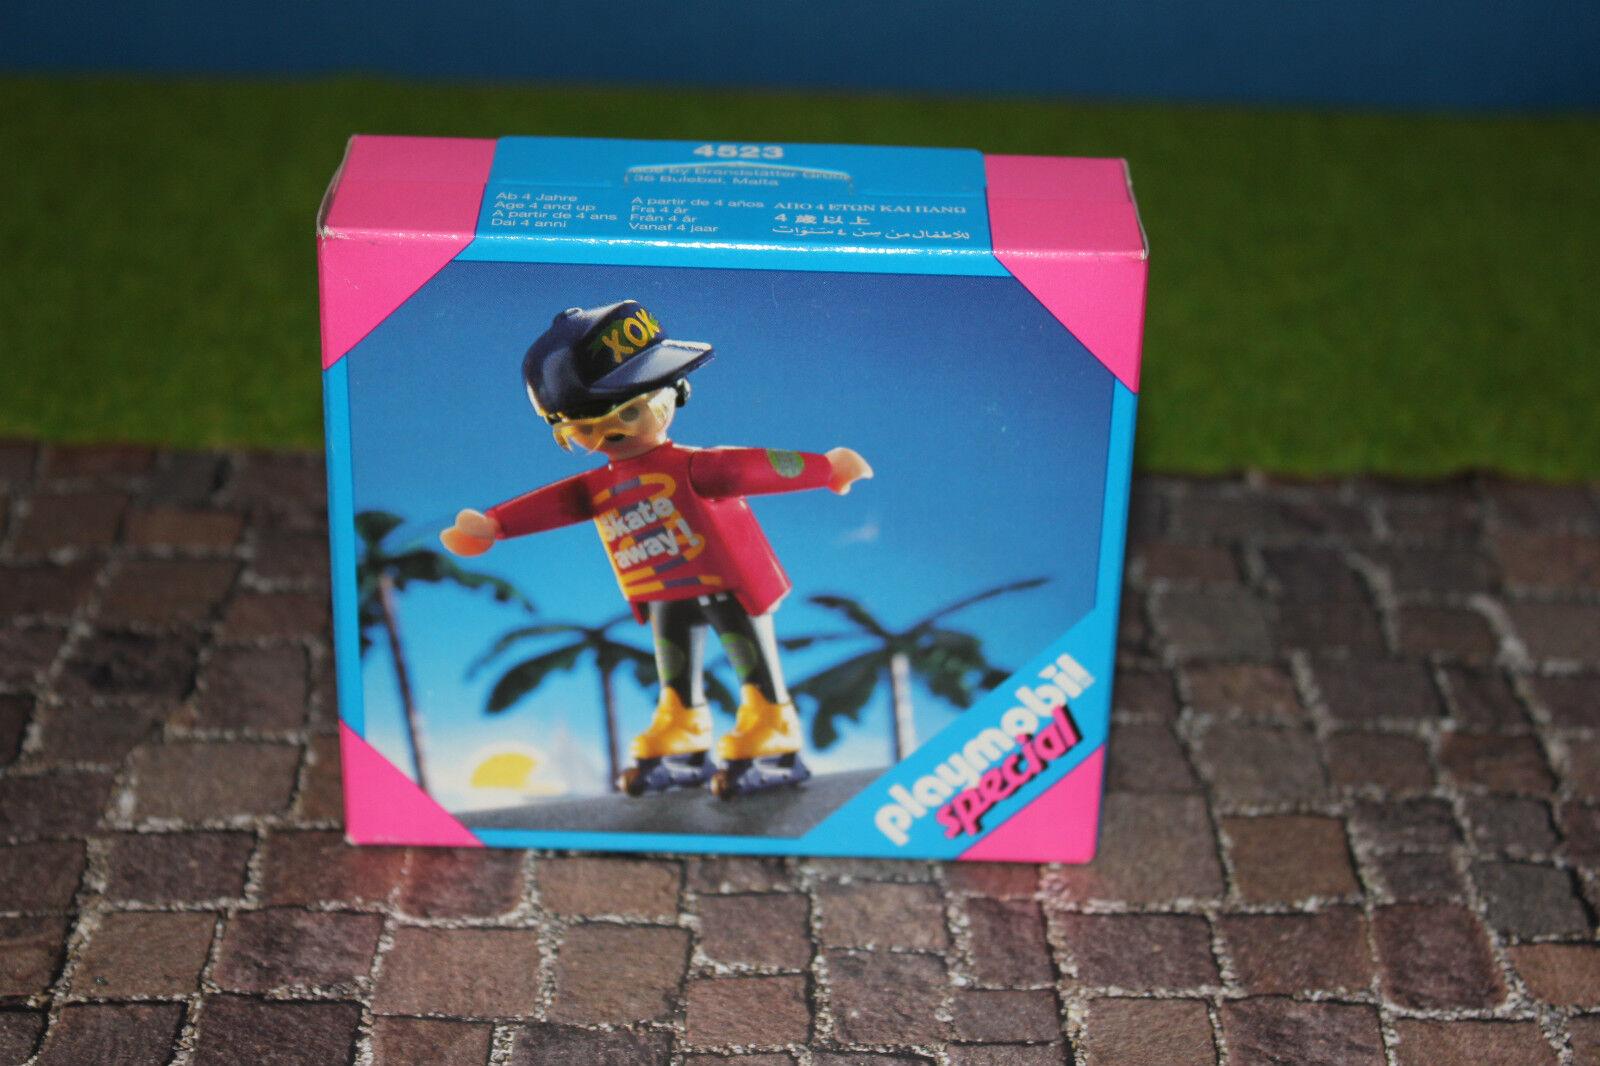 Playmobil Spaar Zegel 4523 Promo Promo Promo Figura de Publicidad Nuevo   Embalaje Original 3d47b4